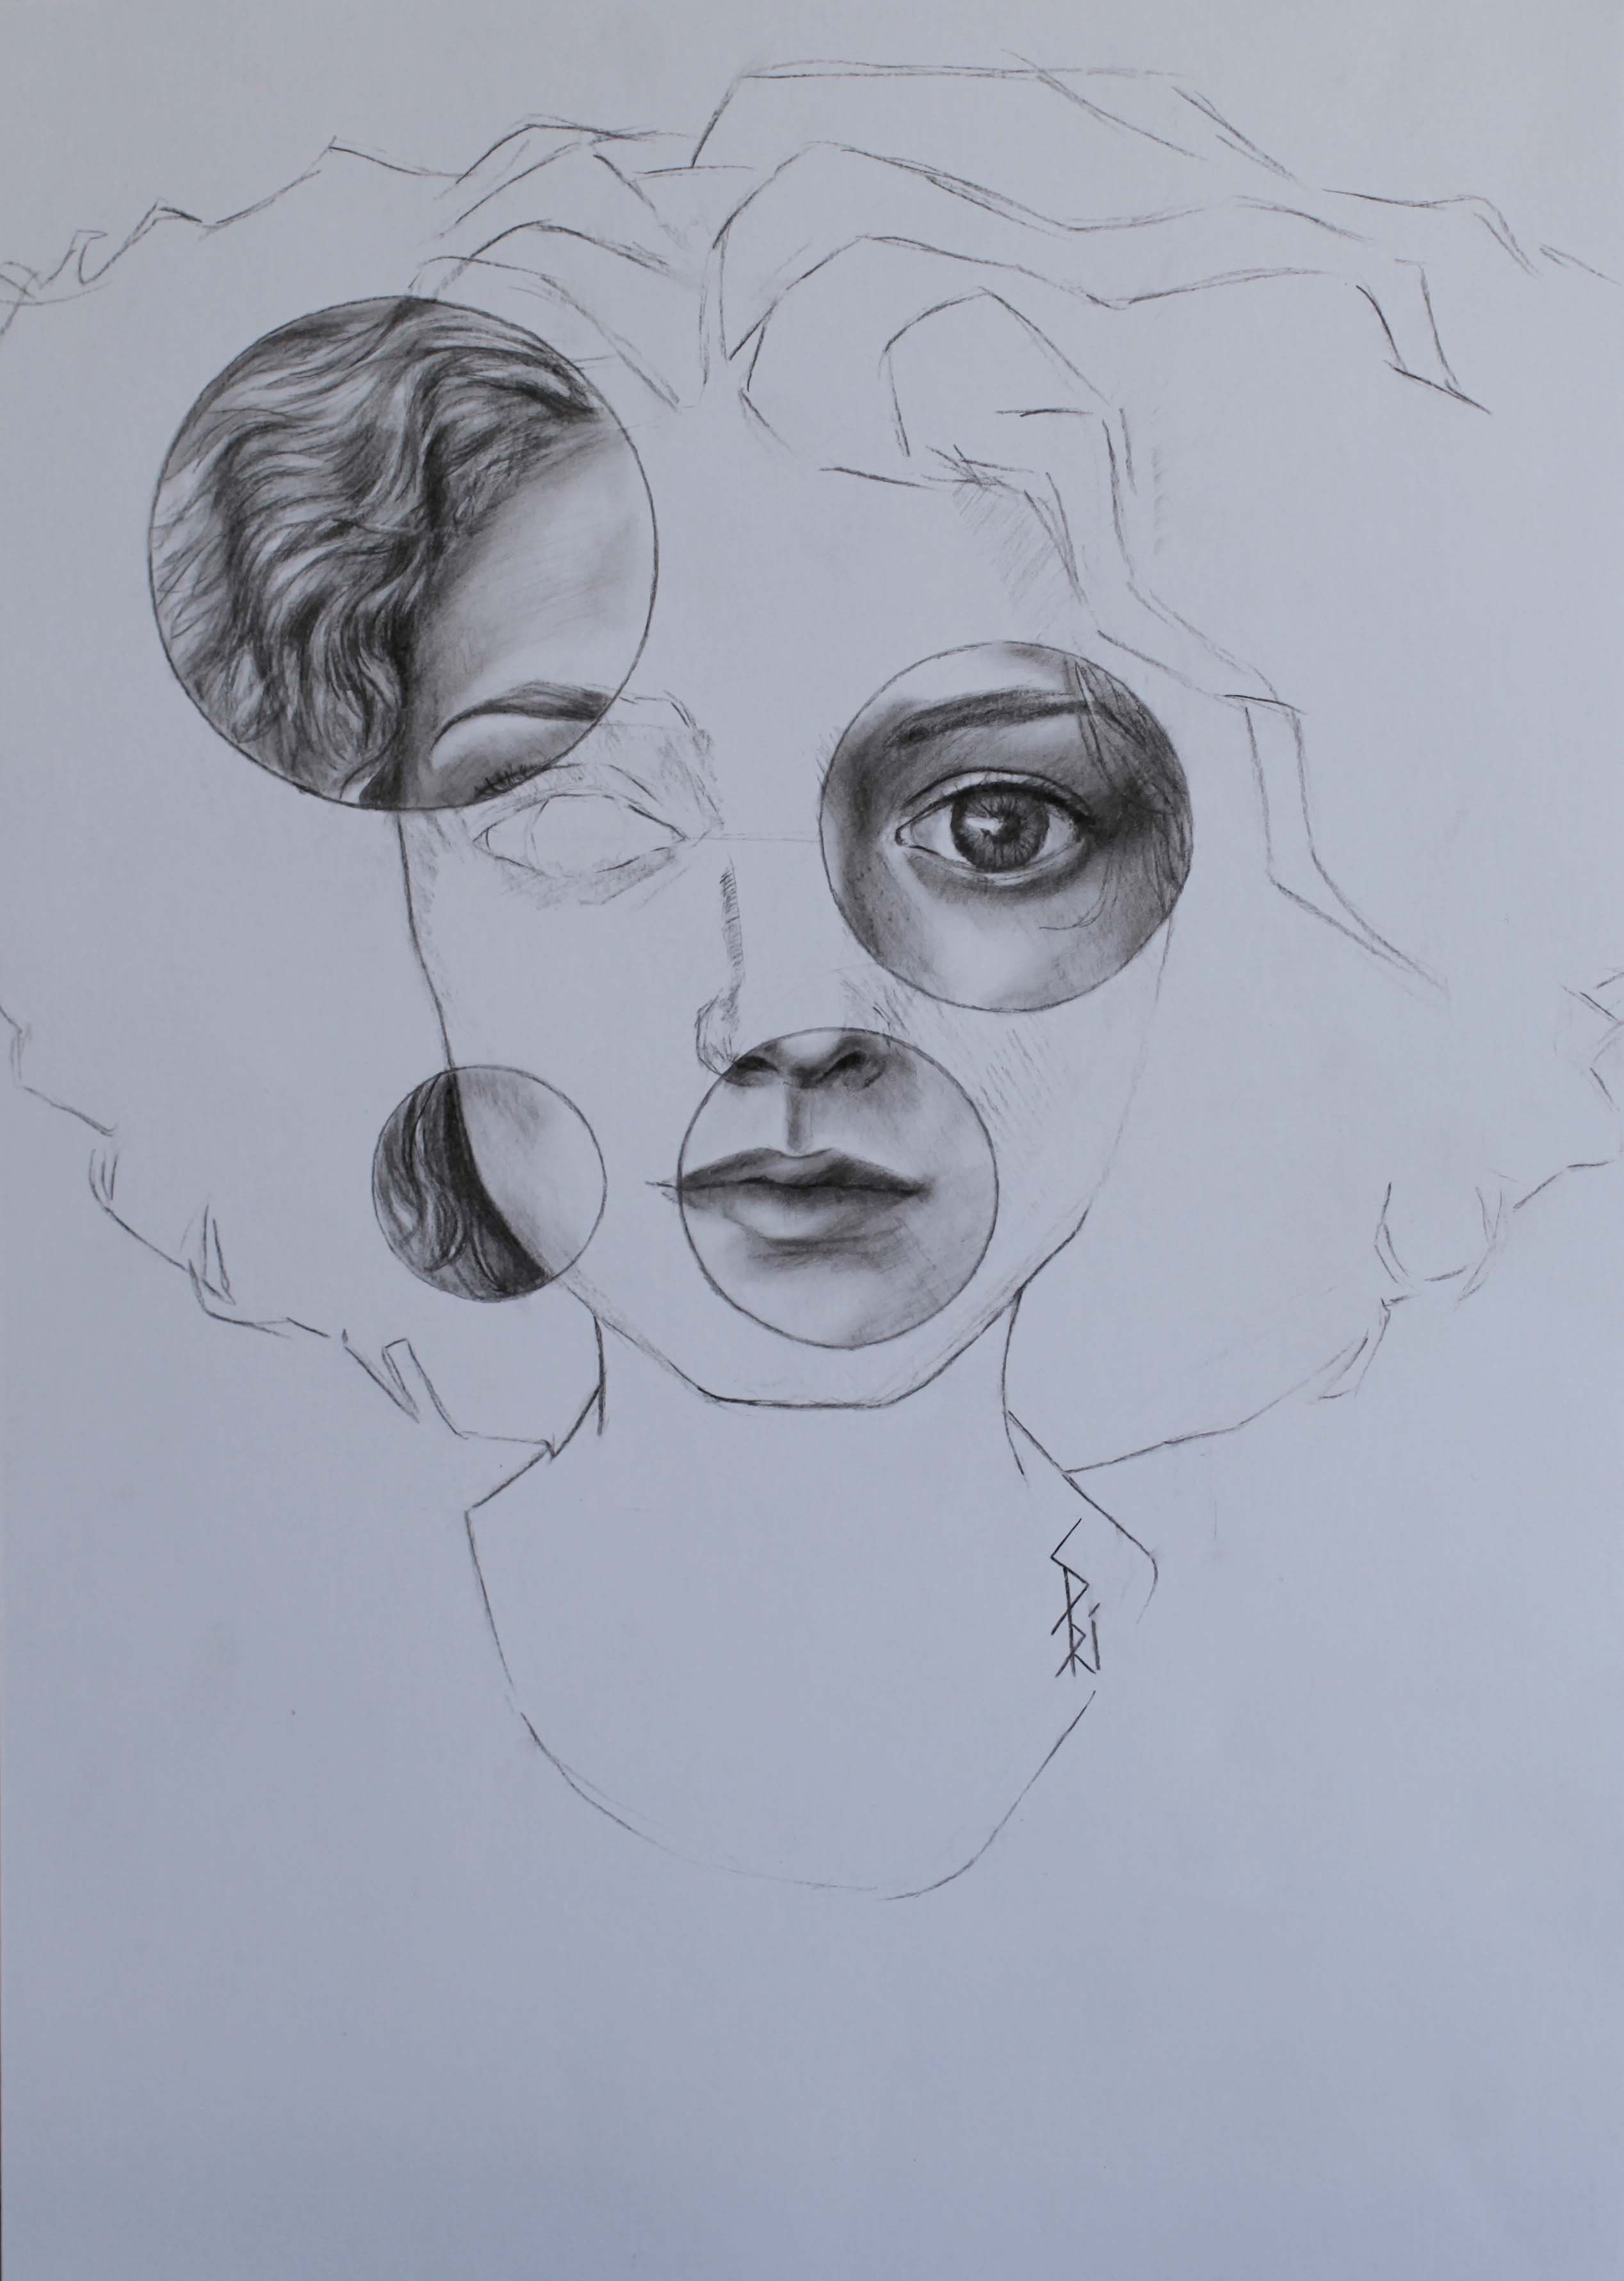 Dessin au crayon par Priscilla Seiller, peintre française